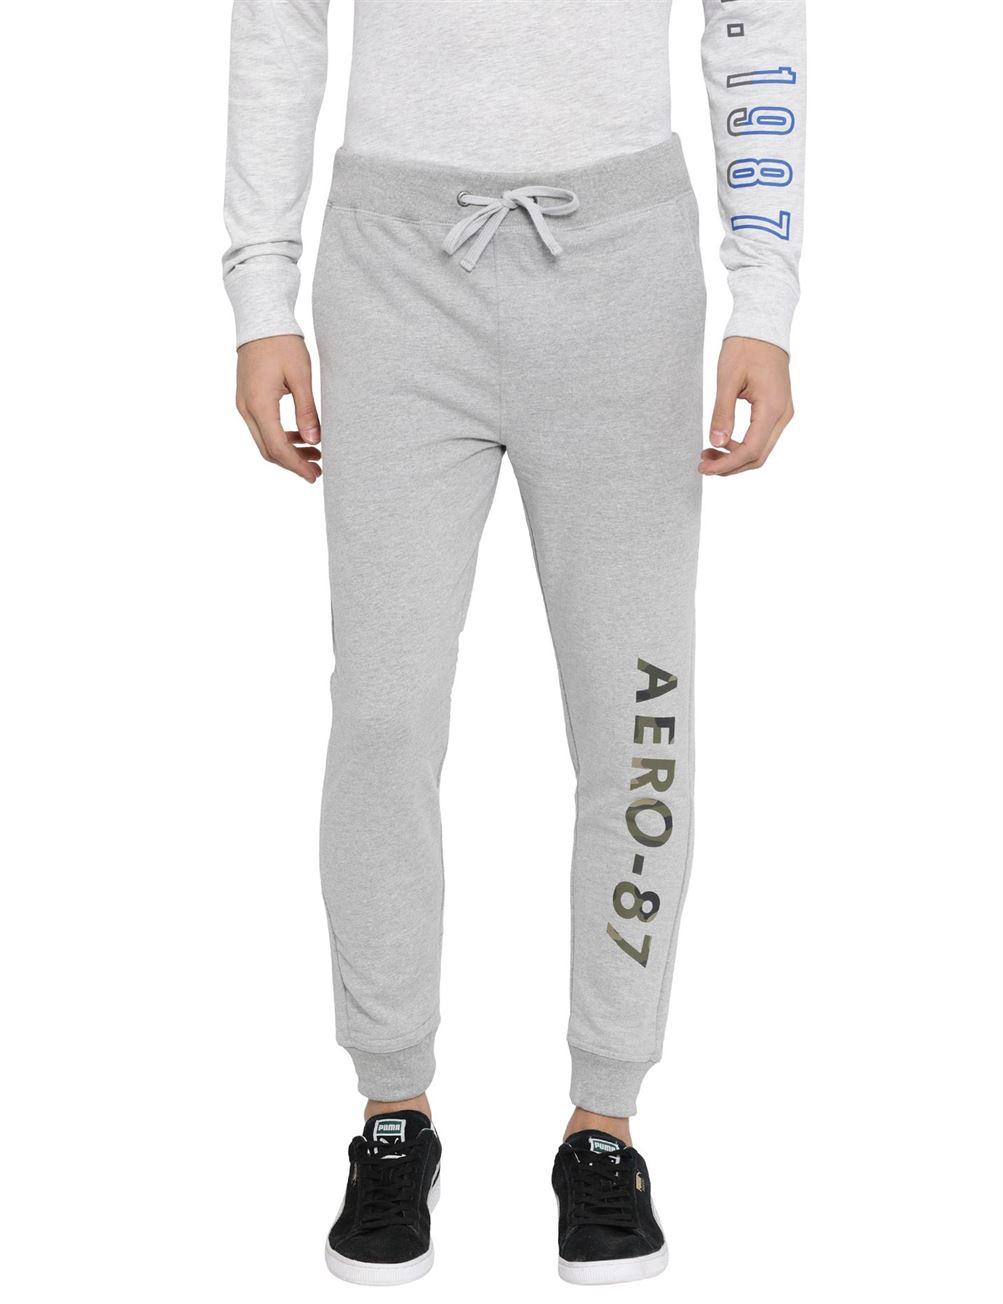 Aeropostale Men Sports Wear Solid Jogger